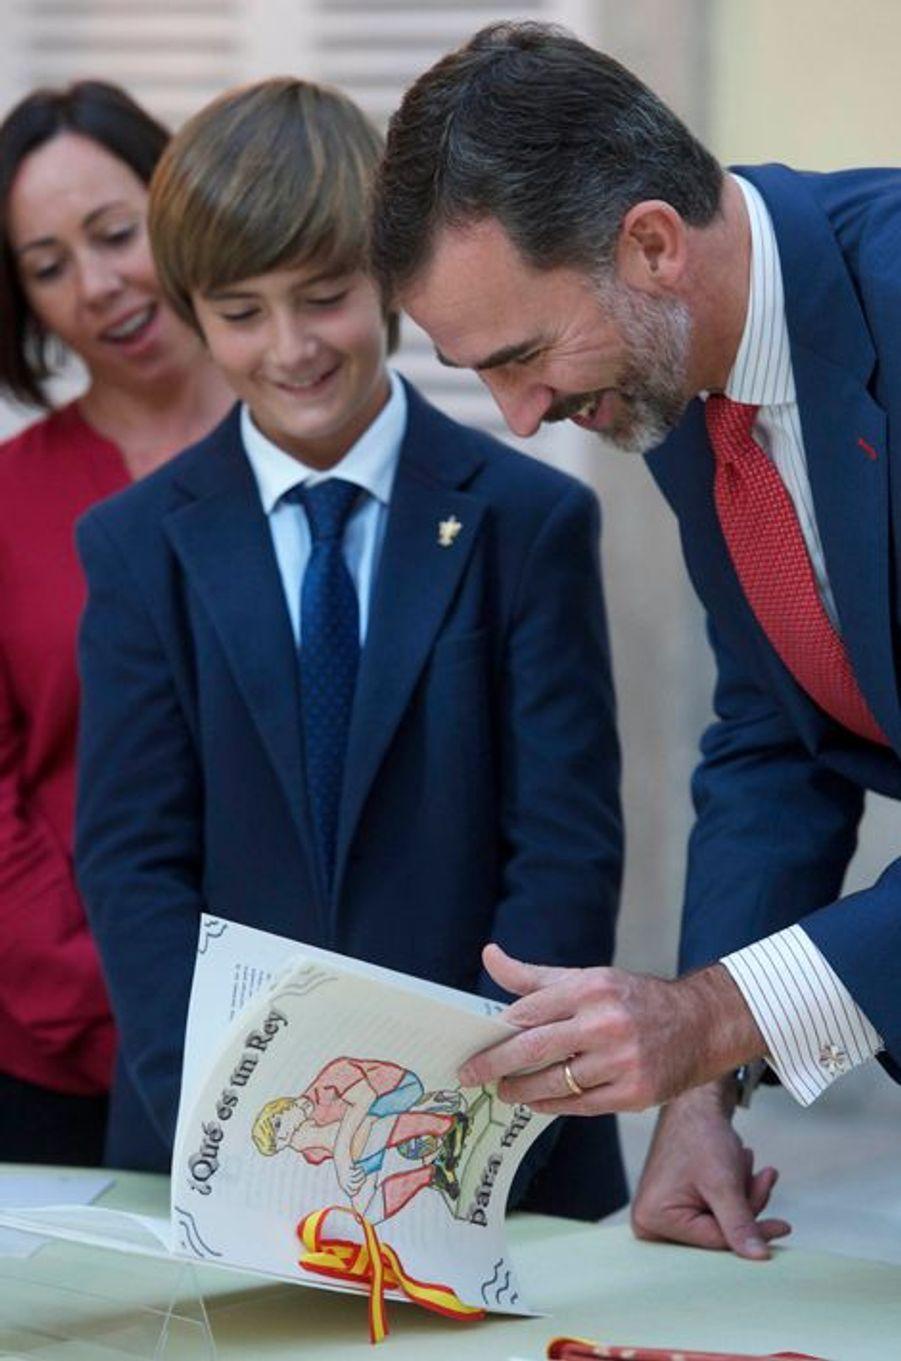 Le roi Felipe VI d'Espagne reçoit des écoliers au palais royal de Madrid, le 27 octobre 2014